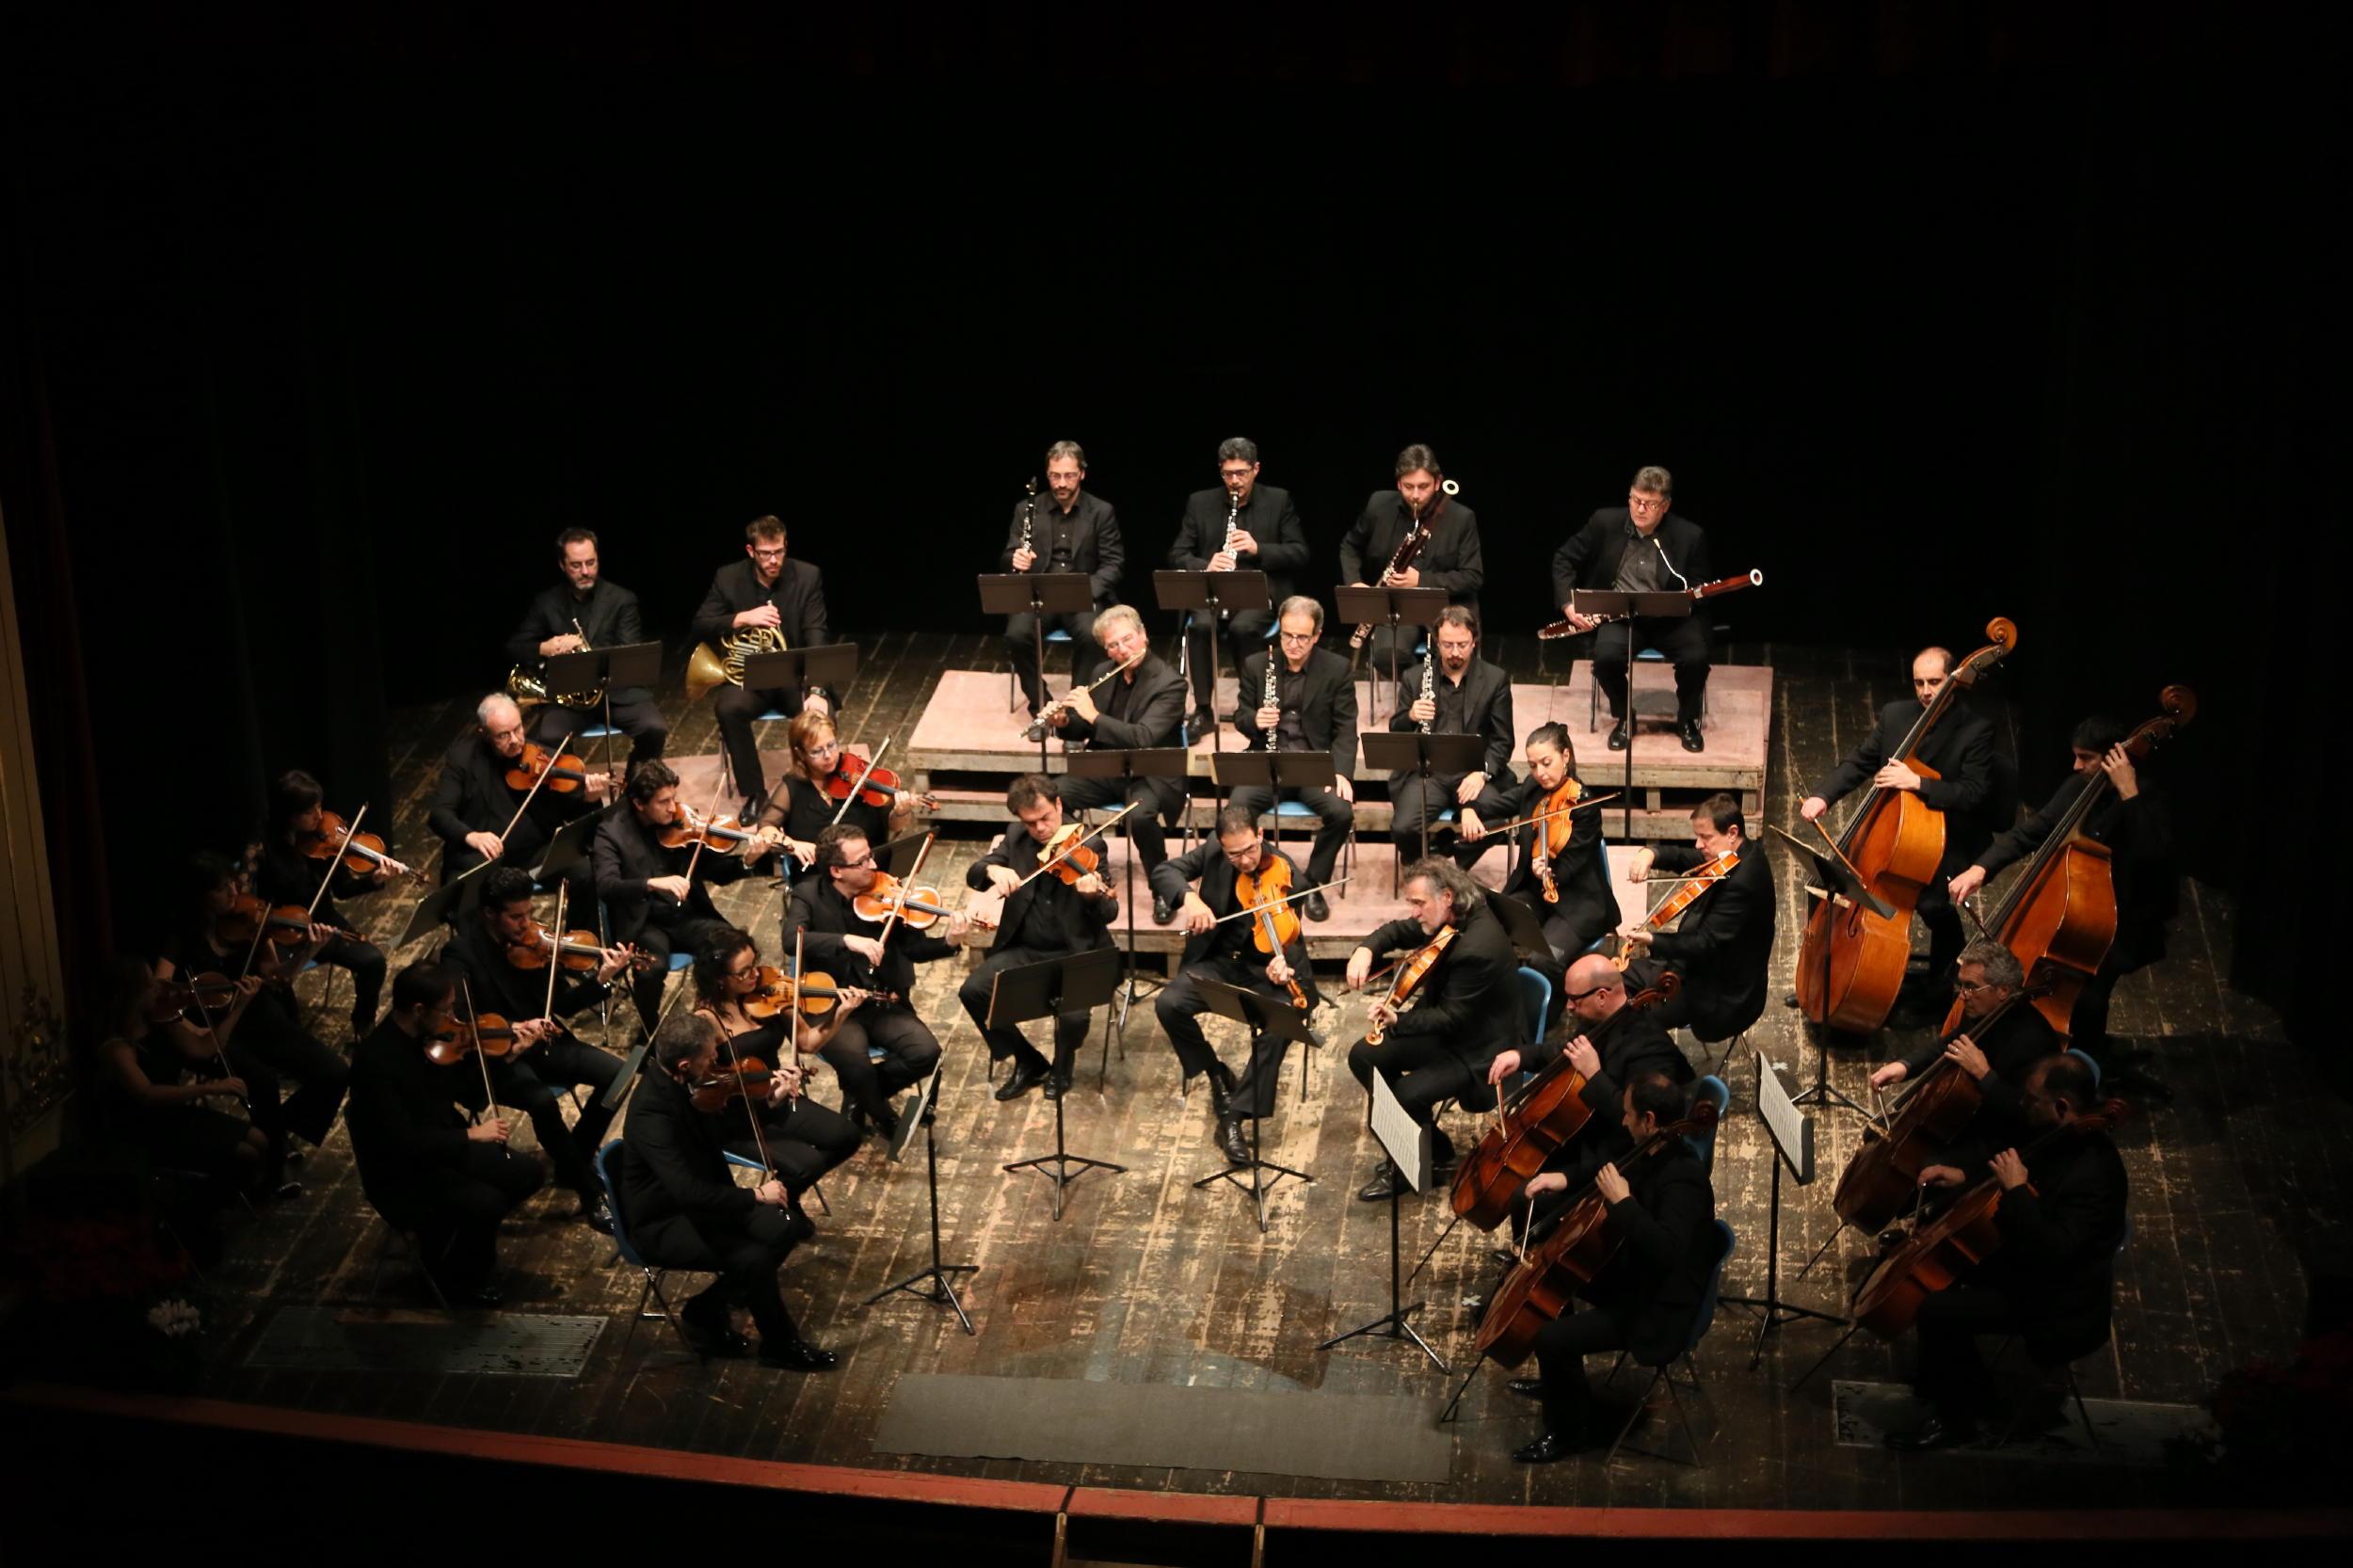 Macerata, l'Orchestra Filarmonica Marchigiana saluta il 2020